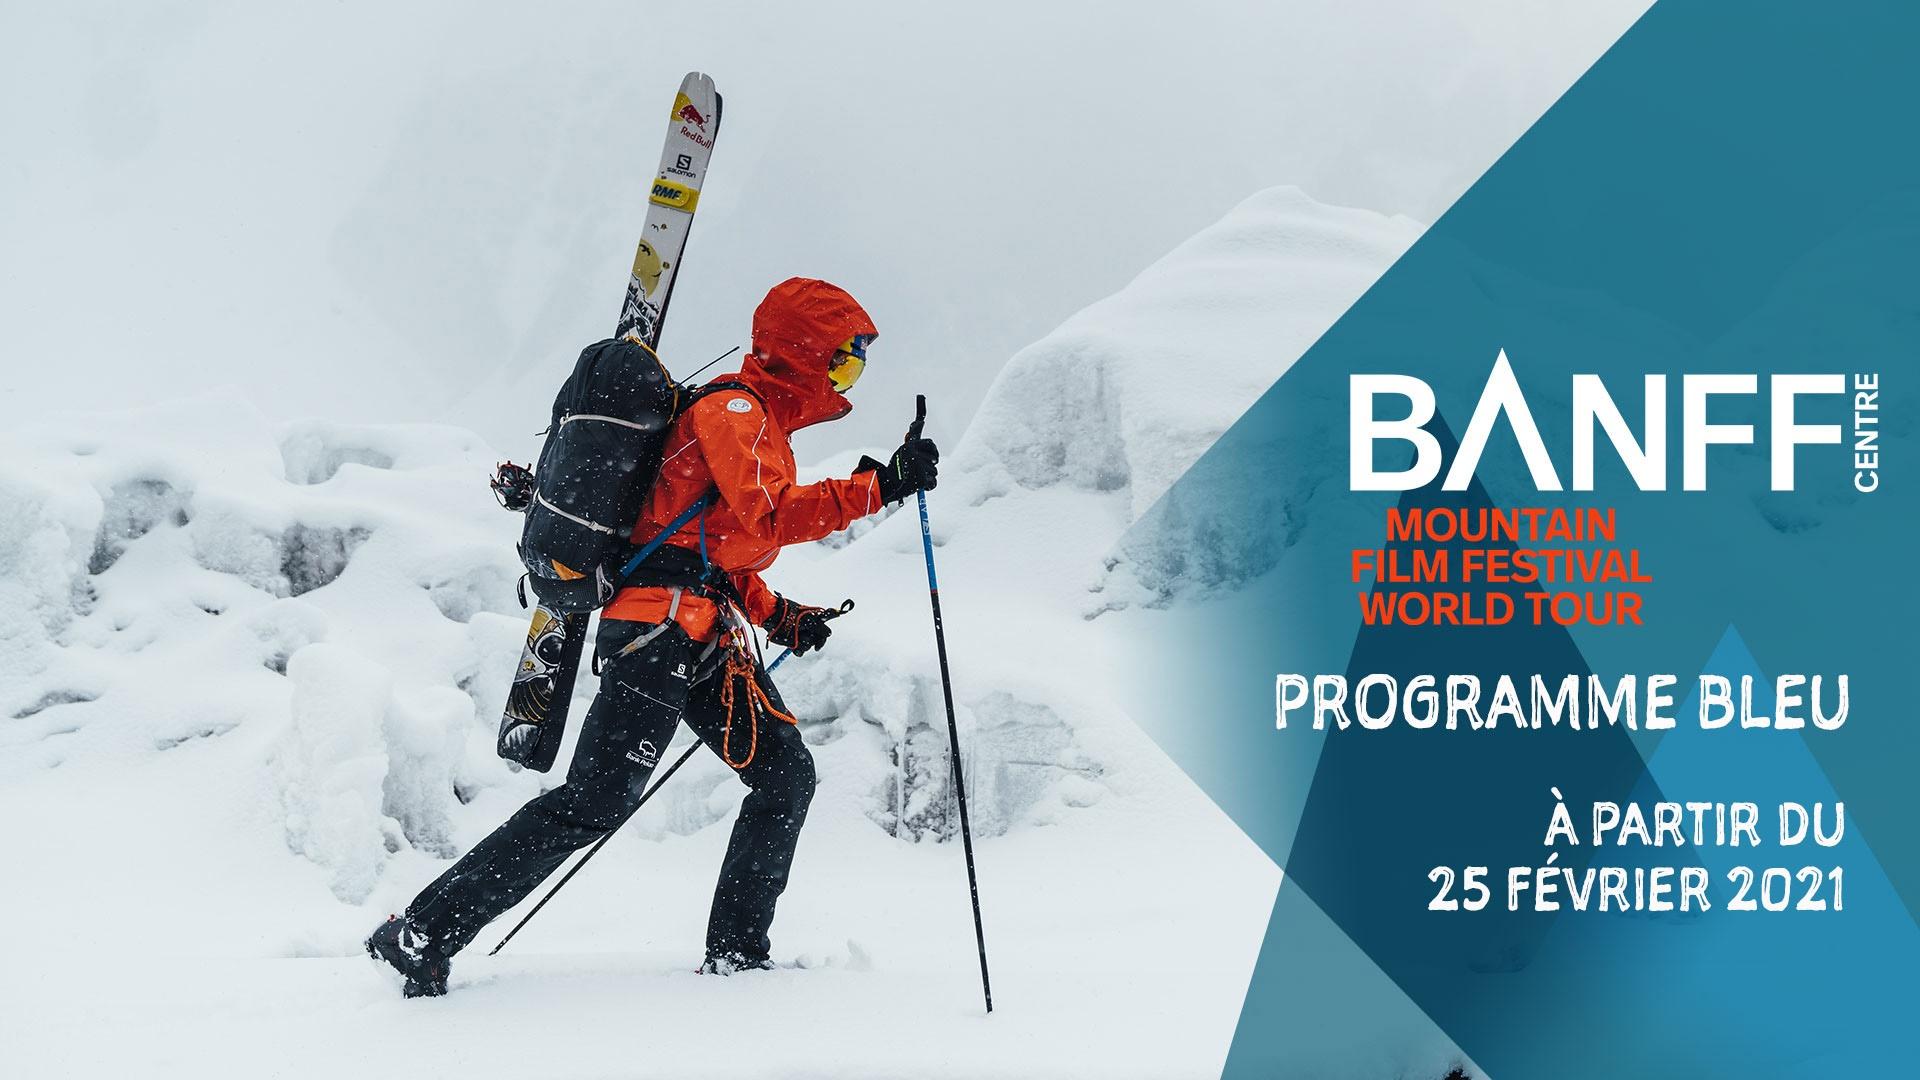 10% de réduction sur une sélection de programmes pour le festival de Banff - bonne-projection.com